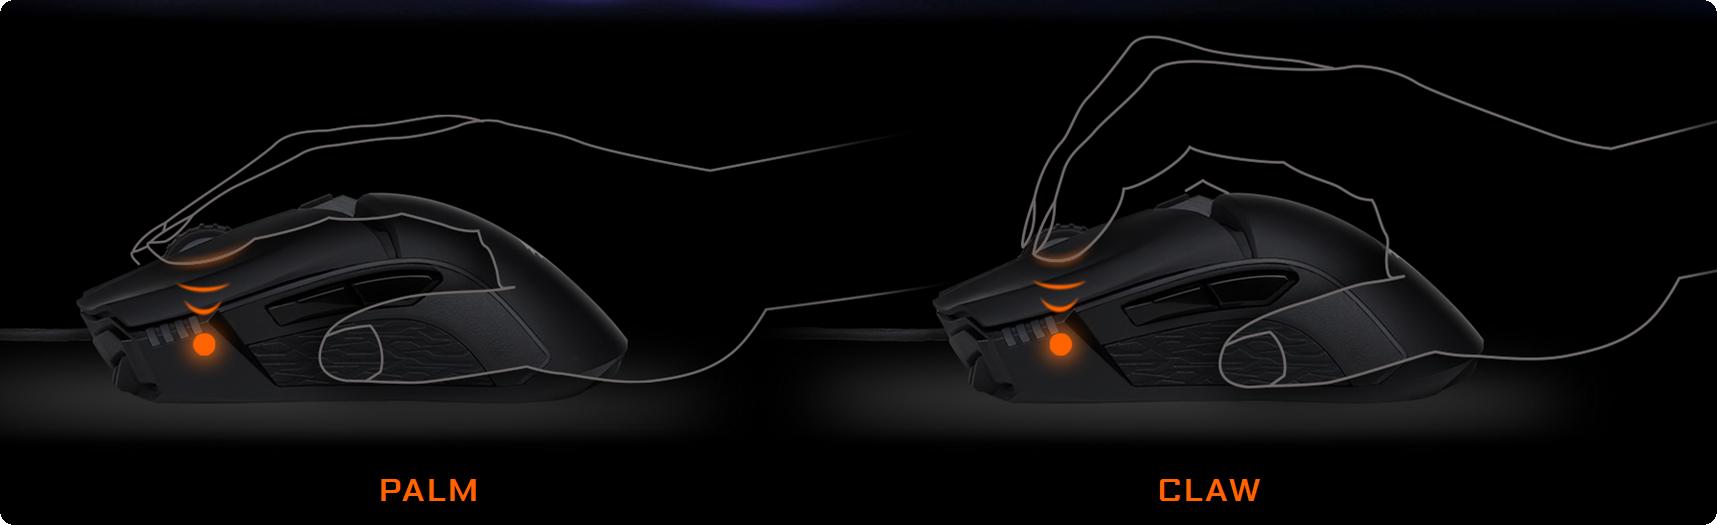 Gigabyte Aorus M5 được chế tạo cho người dùng thuận tay phải